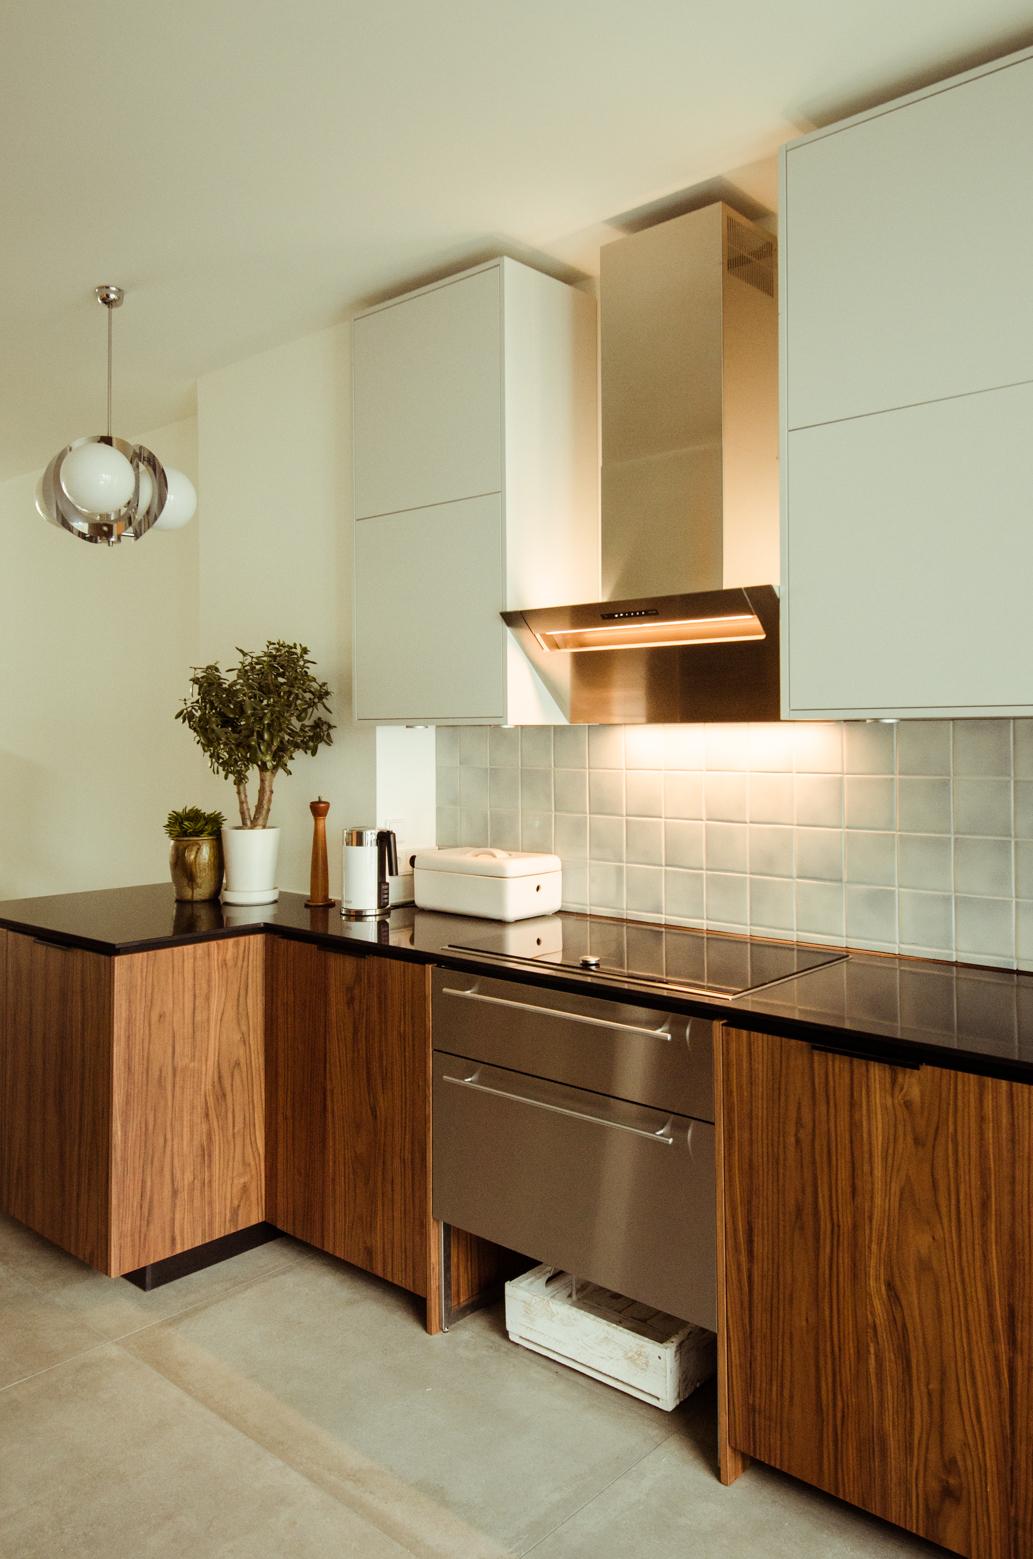 Fronten für Ikea Metod in Nußbaum und Hellgrau - Küchenfront 24